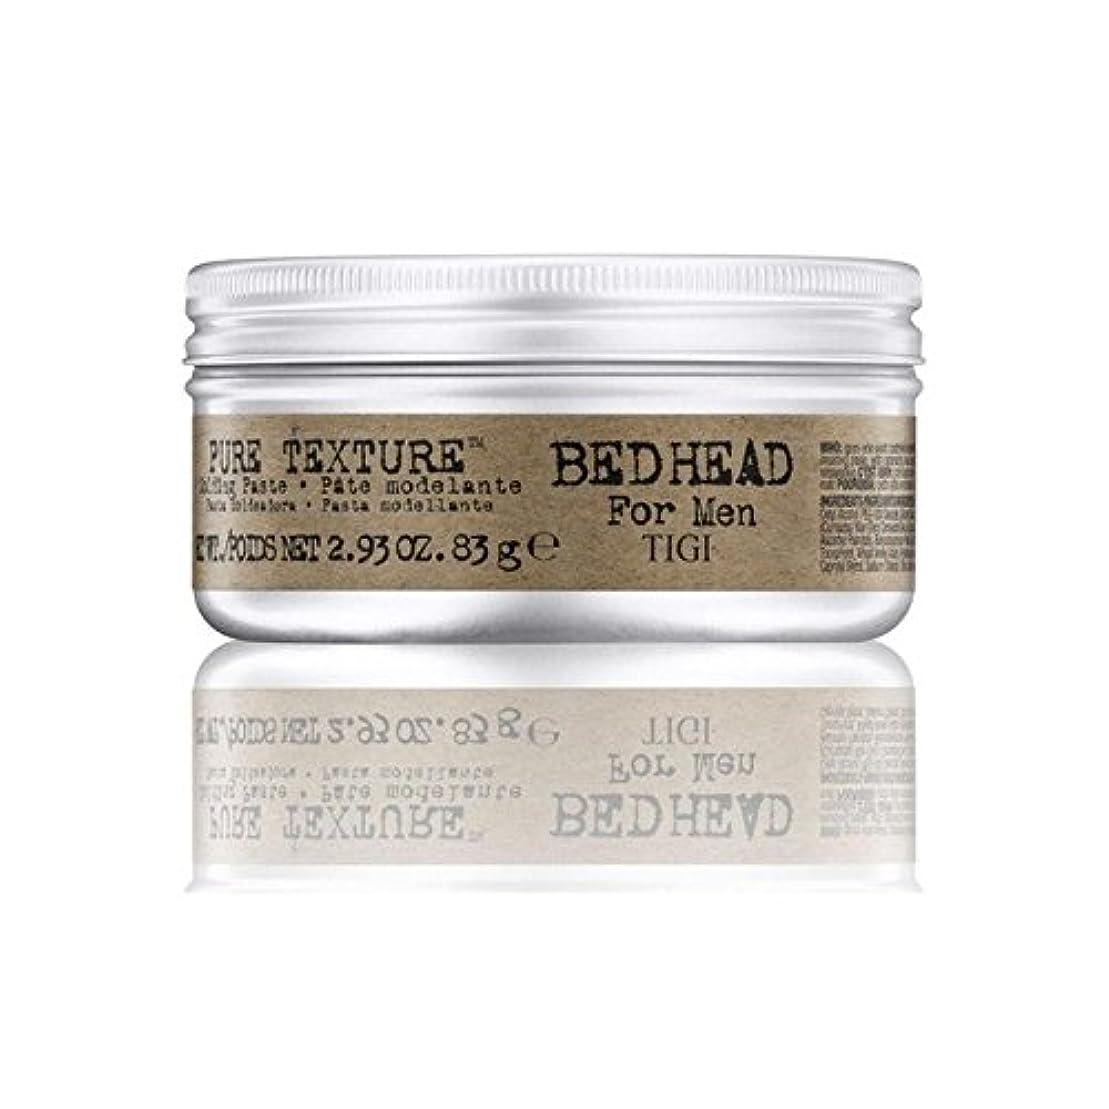 ファームモニター柔らかさ男性の純粋なテクスチャーモールディングペースト(83グラム)のためのティジーベッドヘッド x2 - Tigi Bed Head For Men Pure Texture Molding Paste (83G) (Pack...